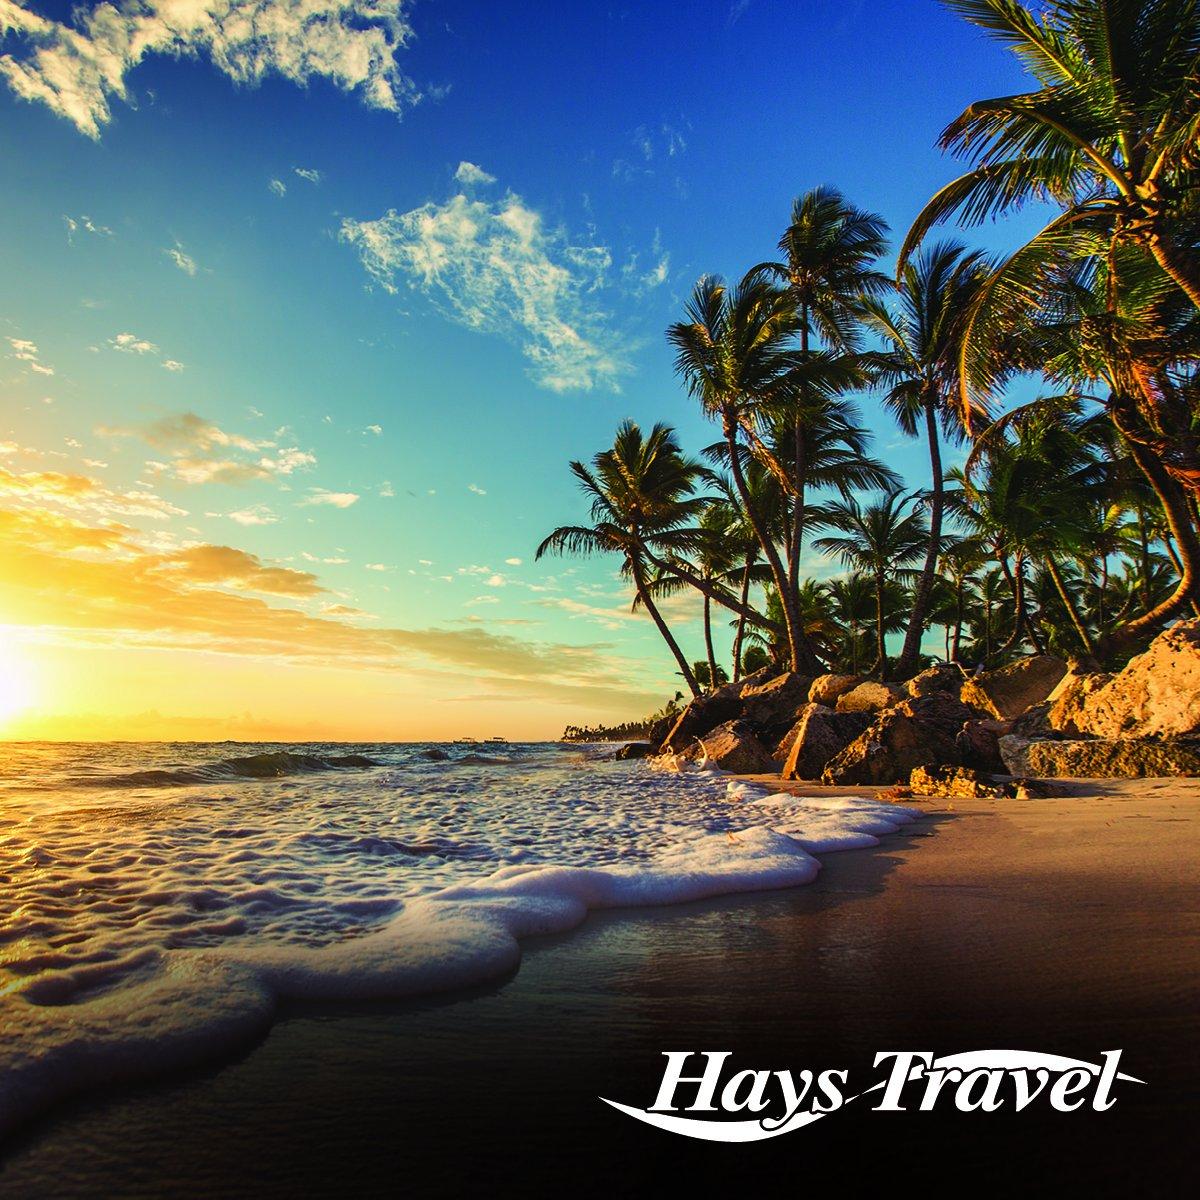 hays travel - photo #16